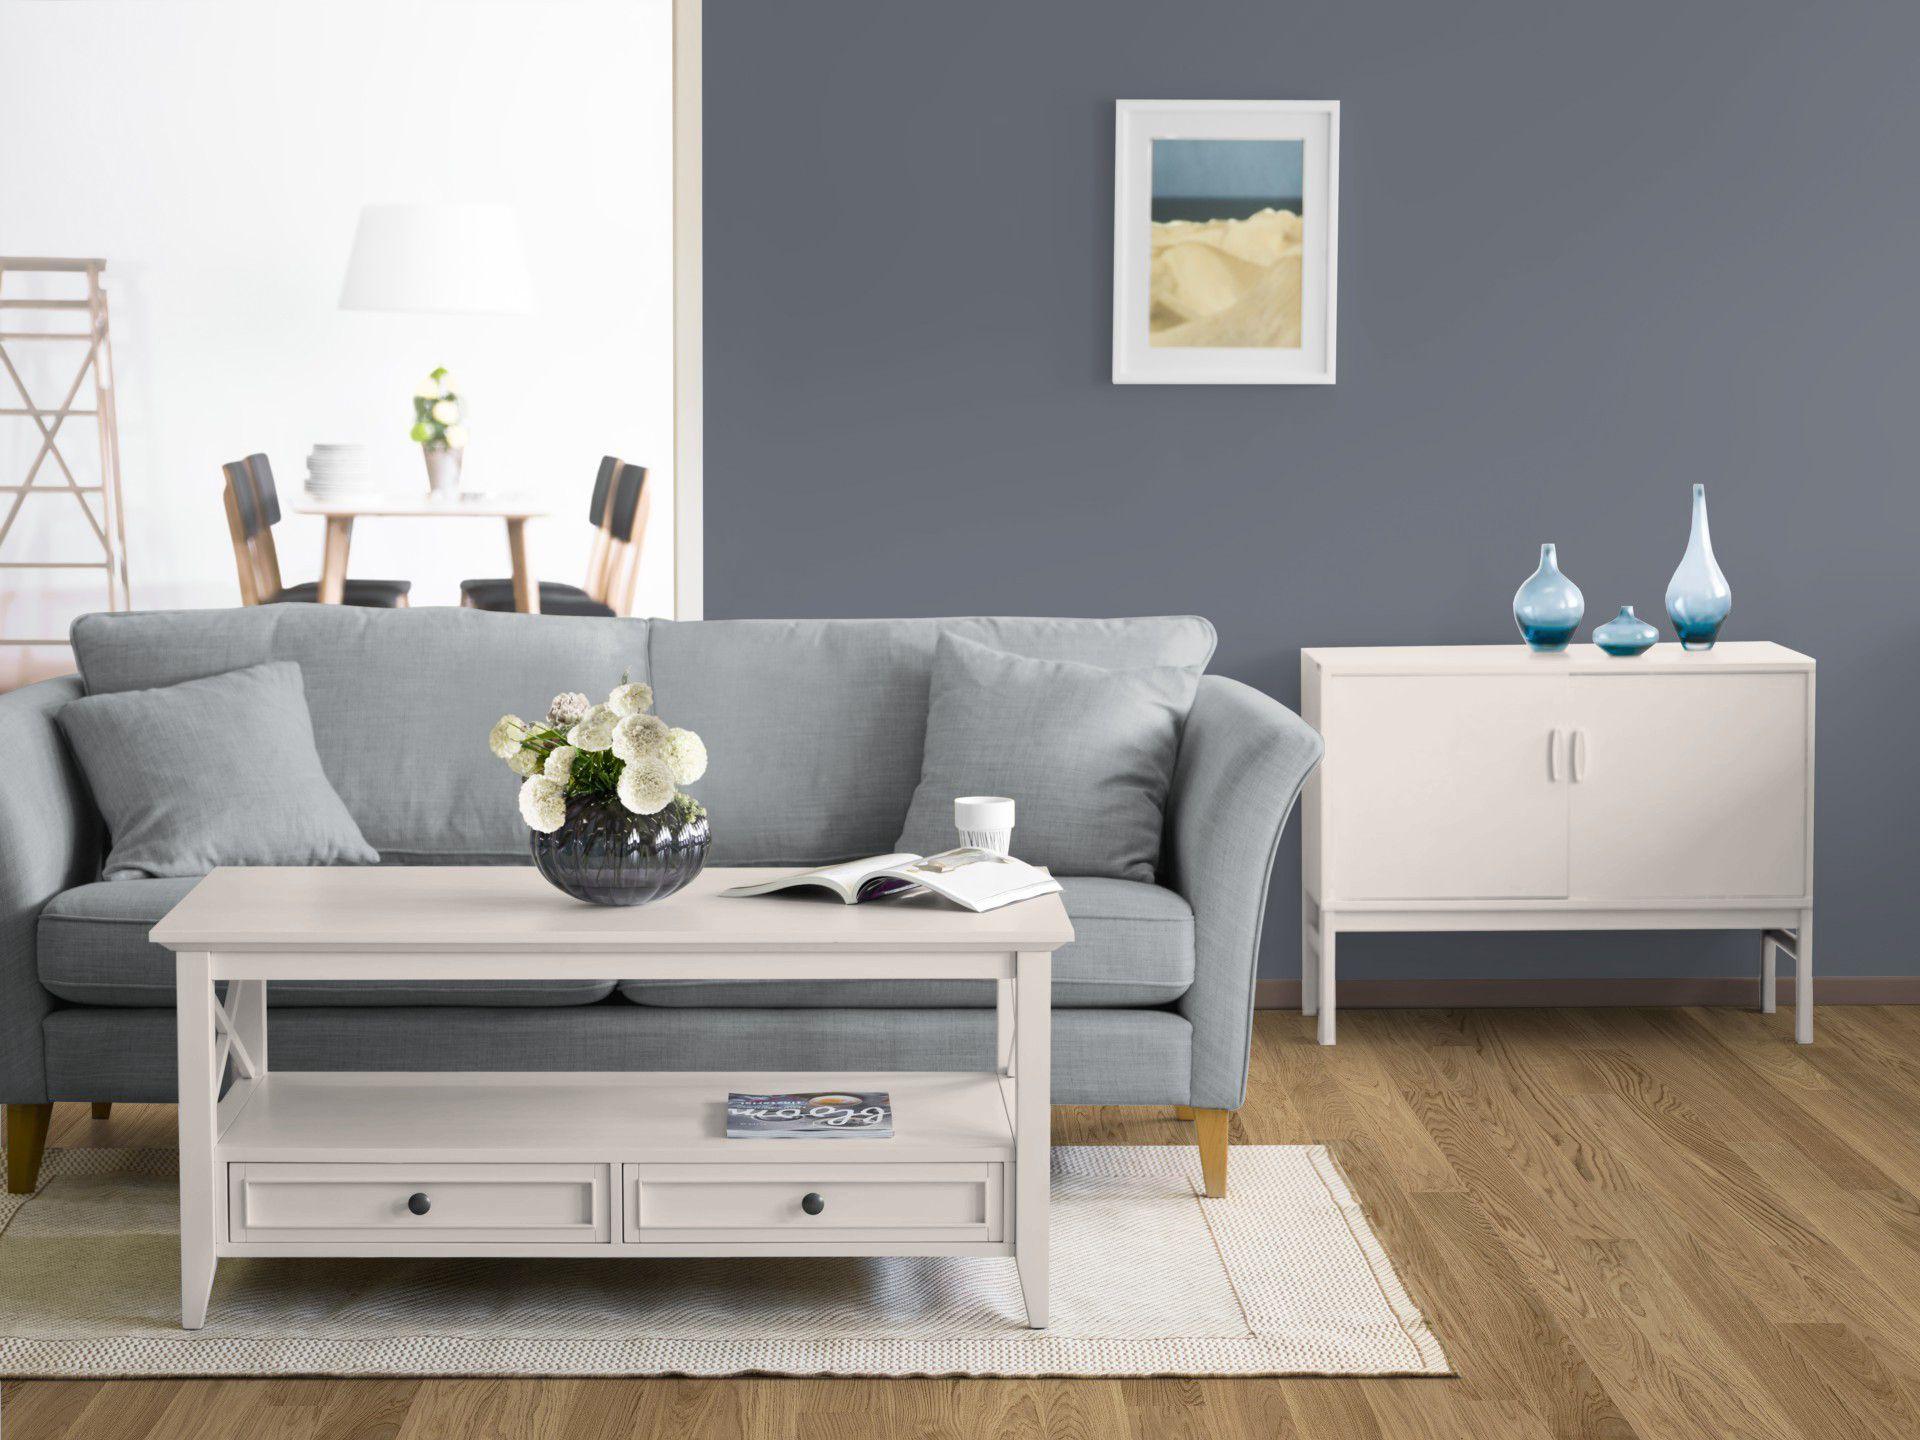 das kolorat zimmer in einem harmonischen blau creme die verwendeten wandfarben m bellacke. Black Bedroom Furniture Sets. Home Design Ideas